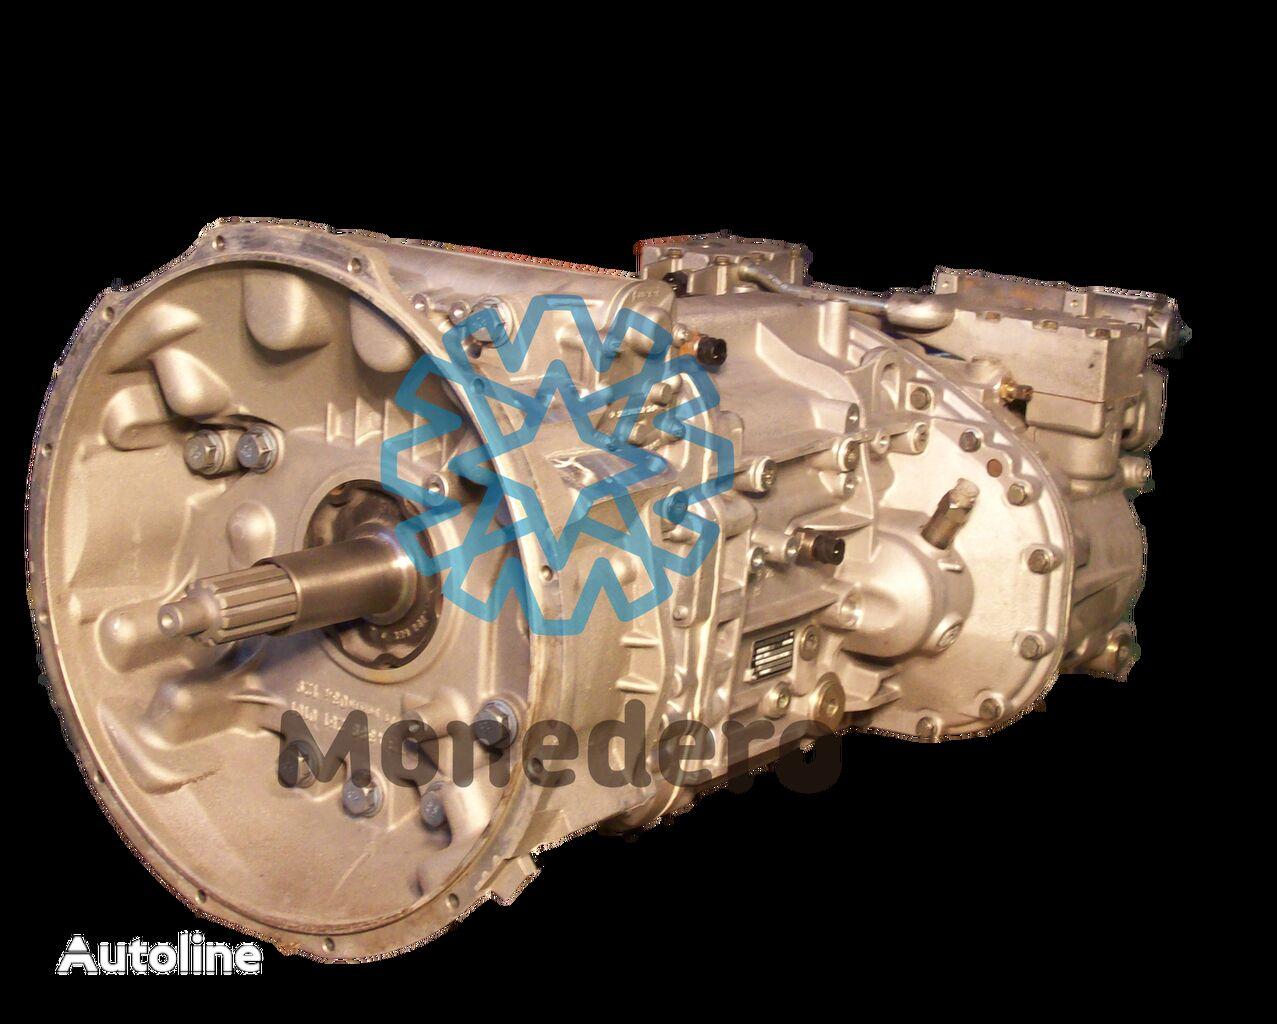 λεωφορείο MERCEDES-BENZ GO160-GO160-GO210 BUS. MANUAL Y EPS. για κιβώτιο ταχυτήτων